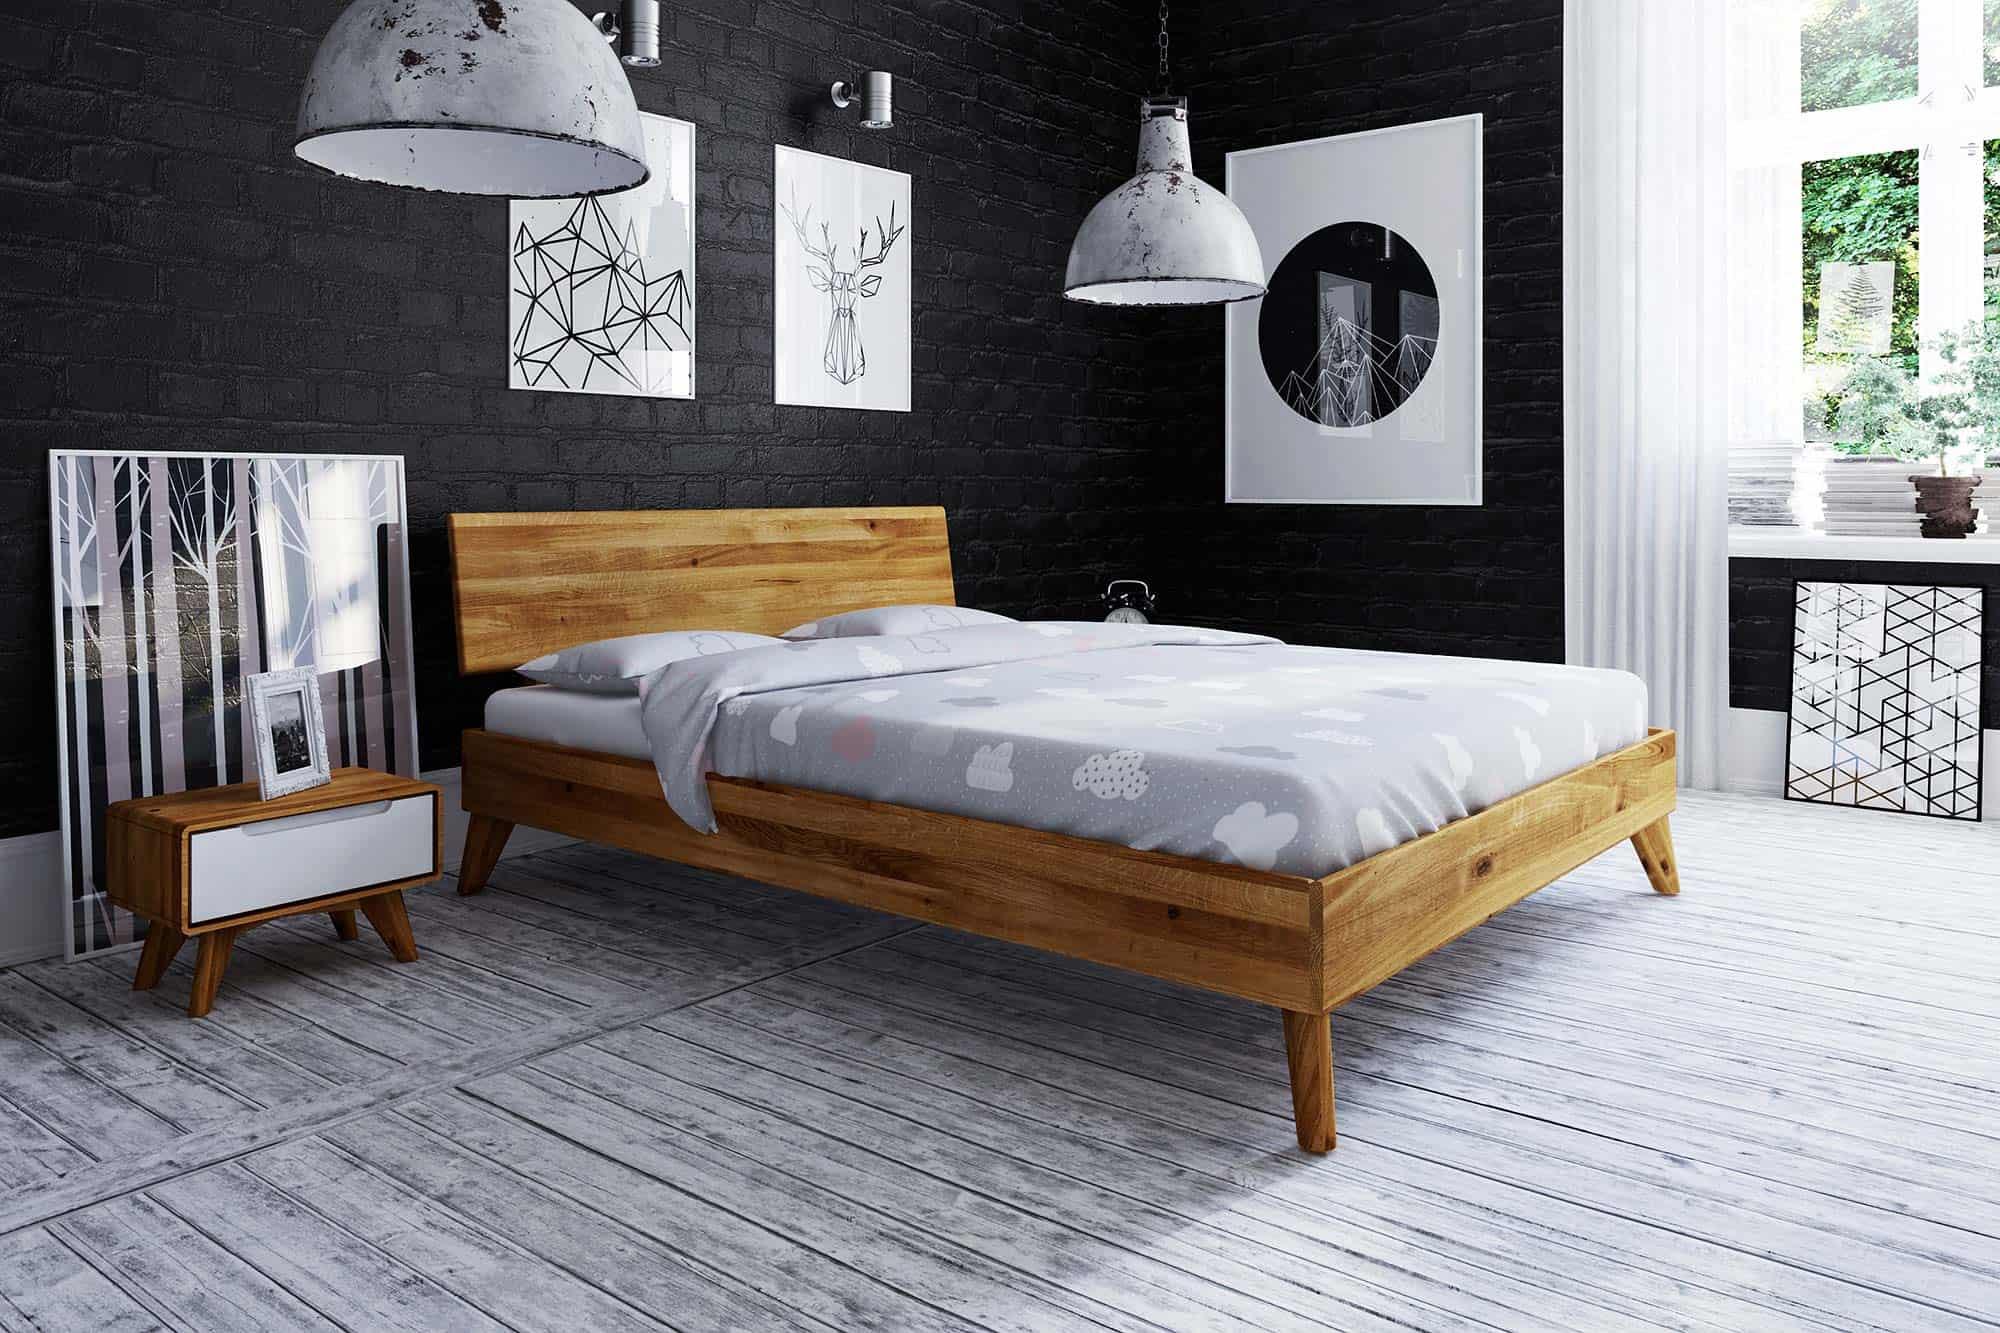 Zdjęcie 2 - BIANCO - Kolekcja mebli do sypialni z drewna litego